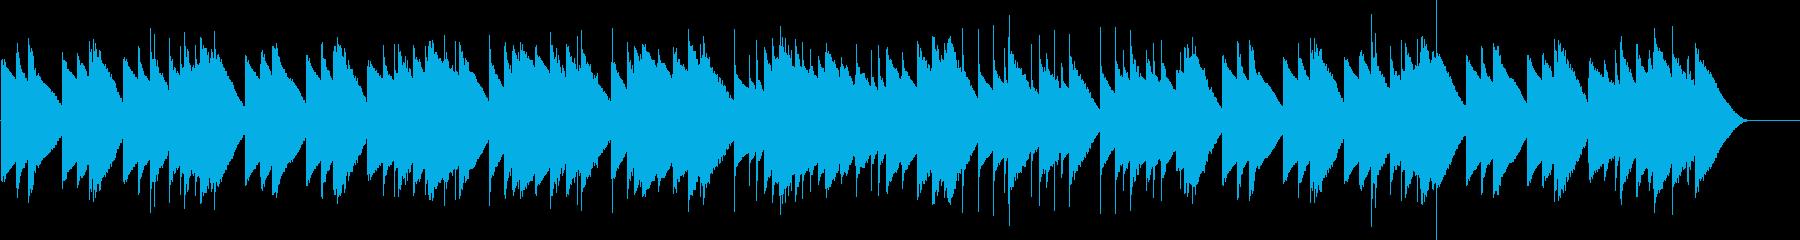 婚礼の合唱 long (オルゴール)の再生済みの波形